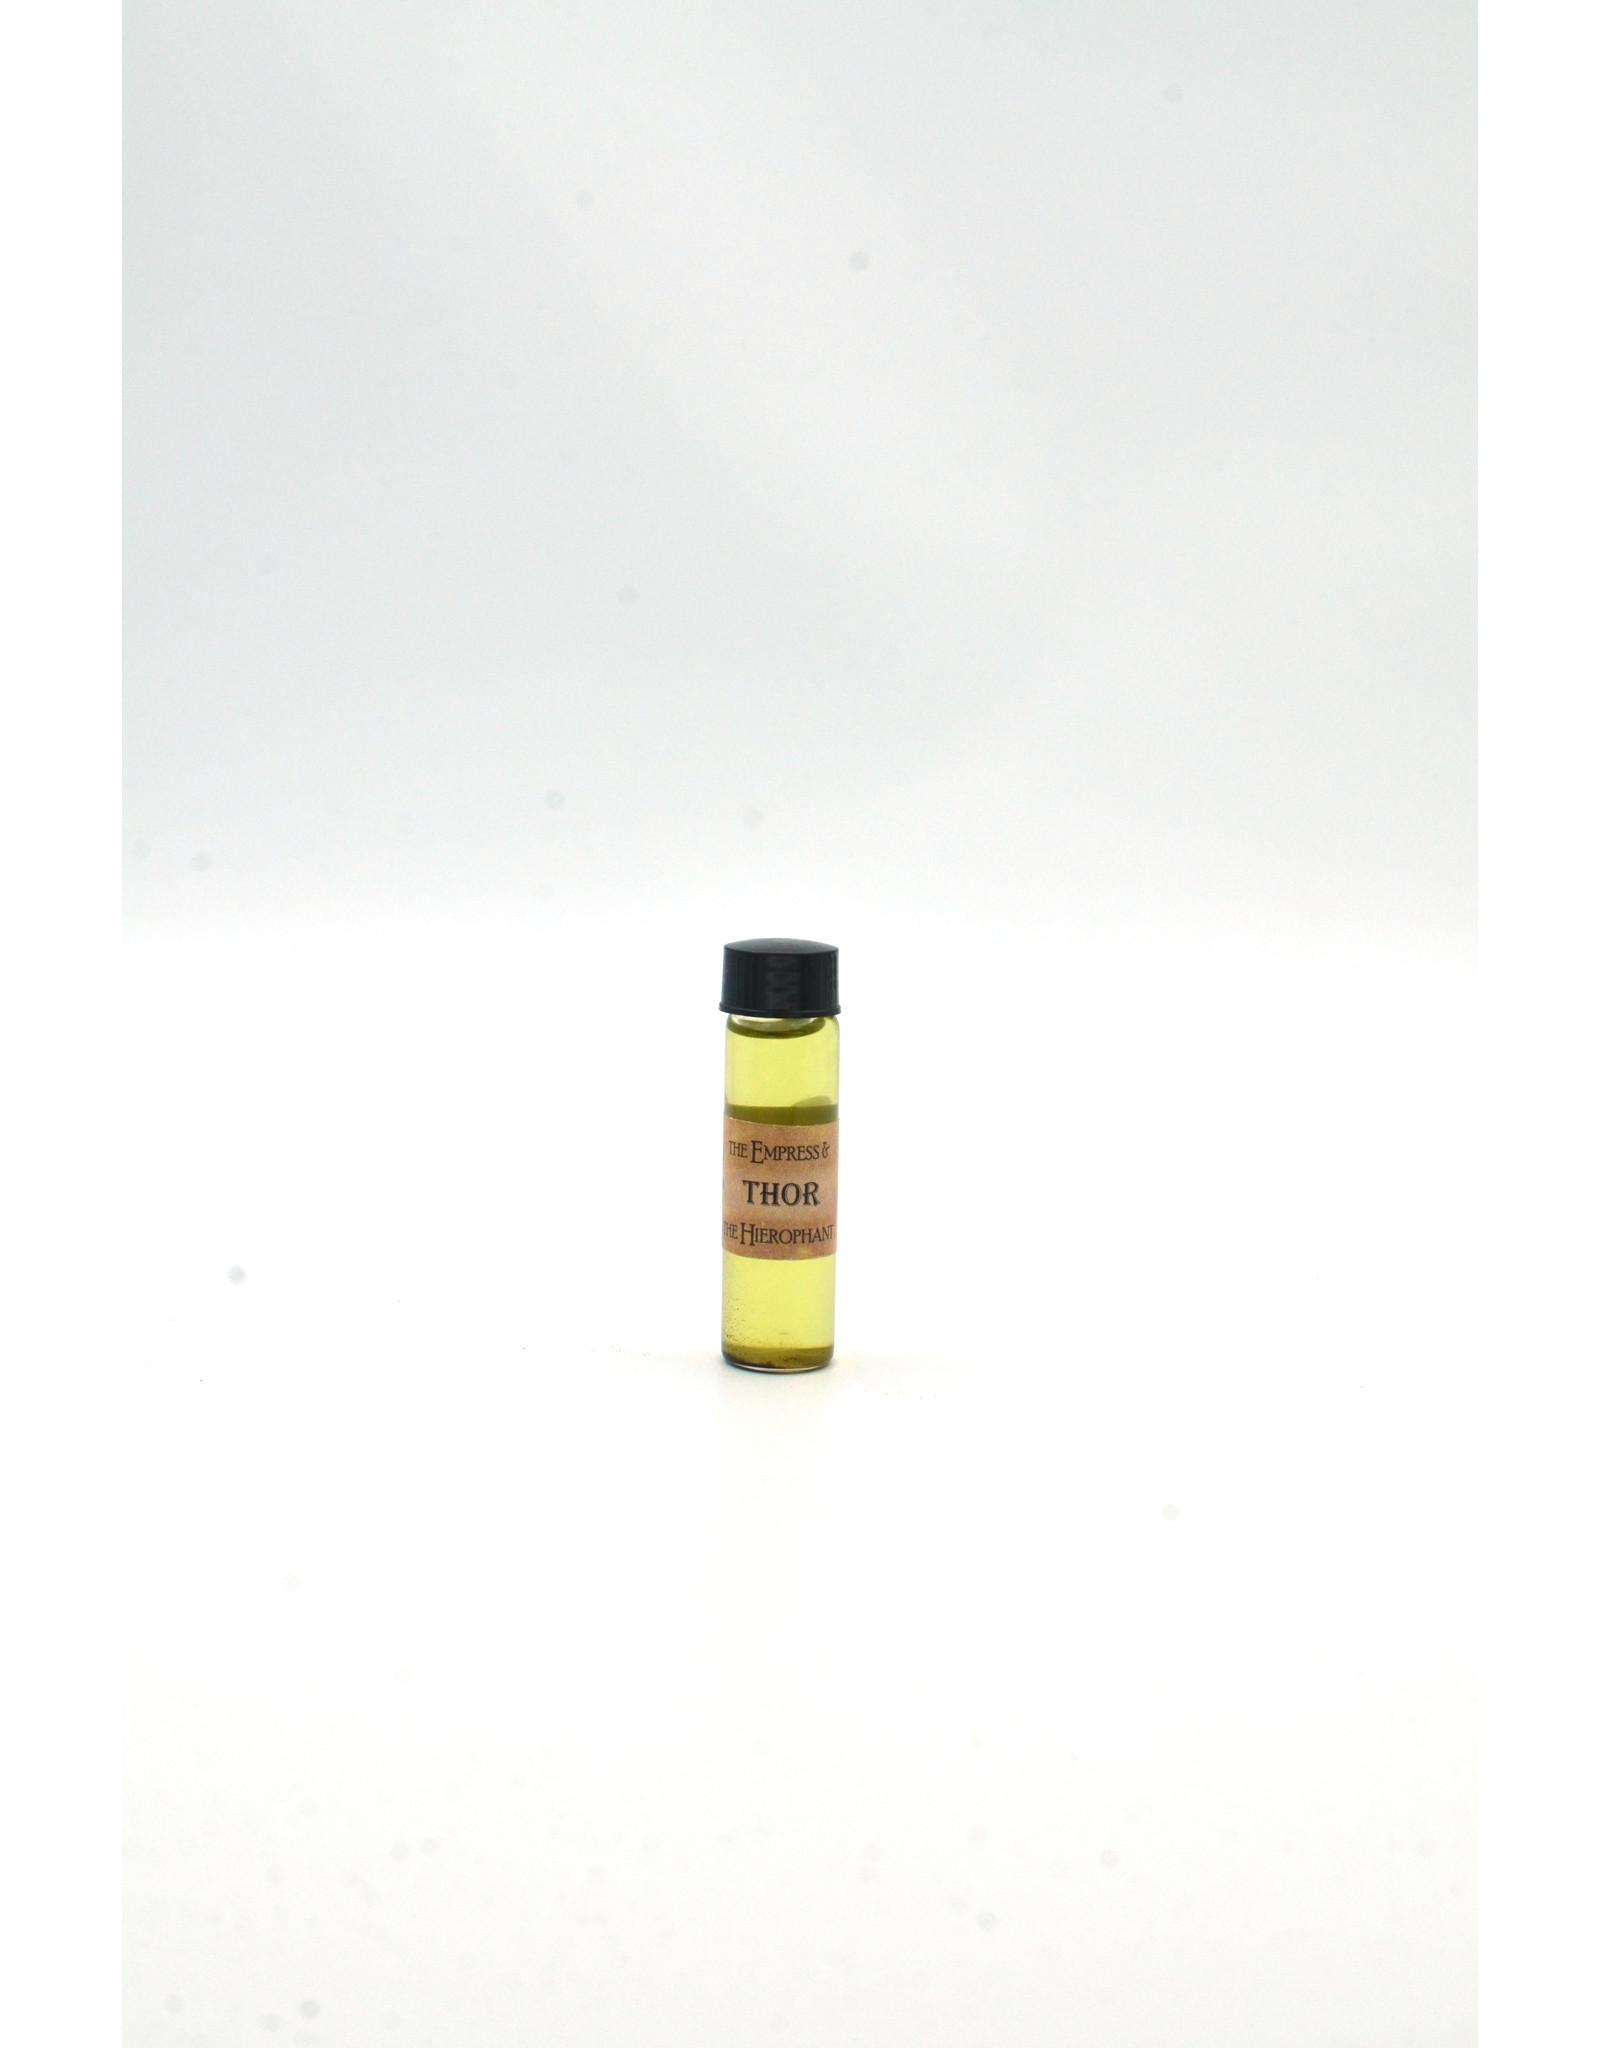 Thor Magickal Oil 2 Dram Bottle